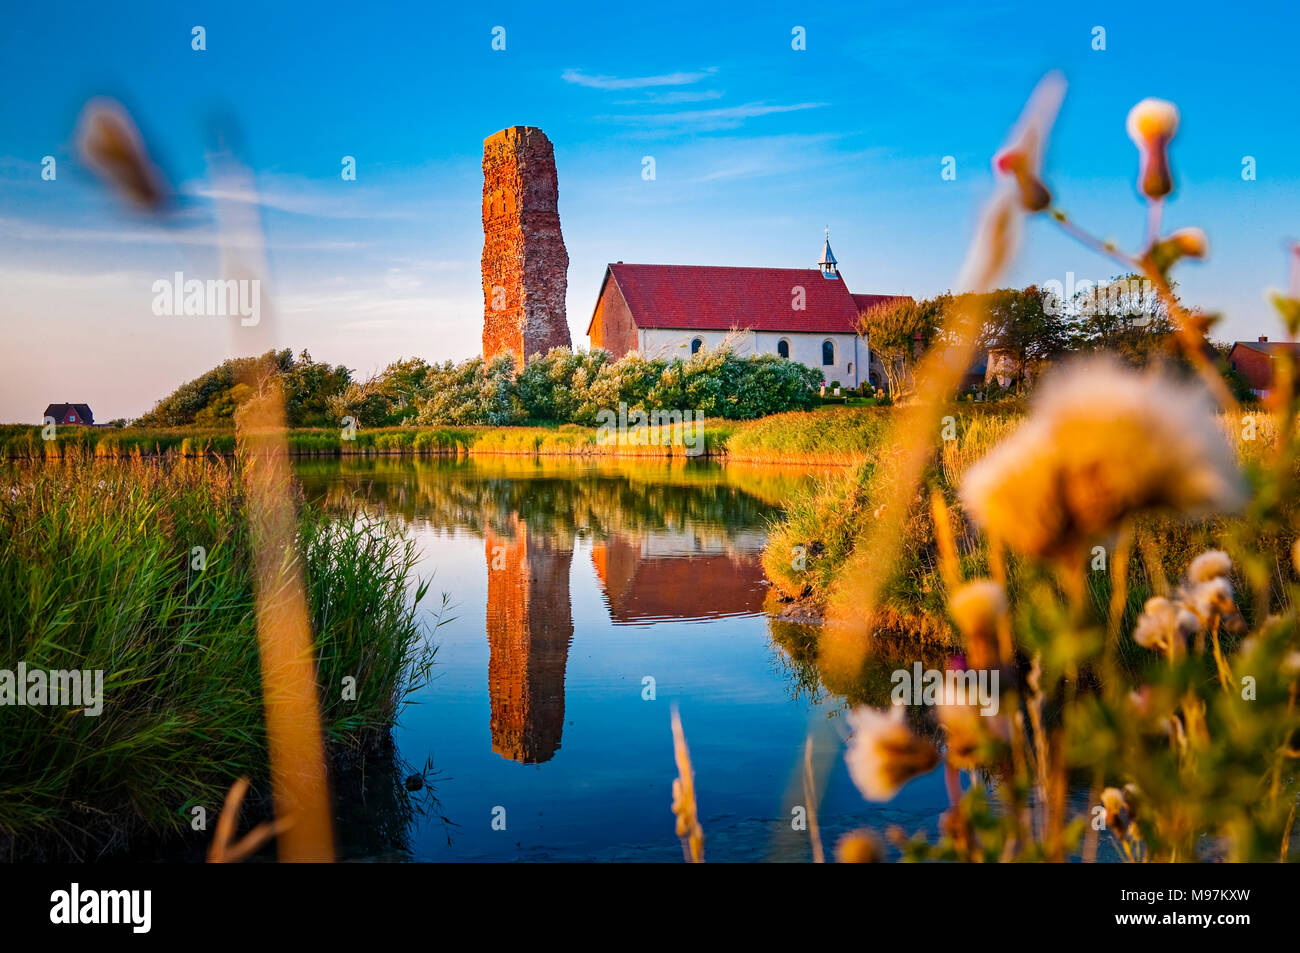 Deutschland, Schleswig-Holstein, Pellworm, Inselkirche St.Salvator, Turmruine - Stock Image